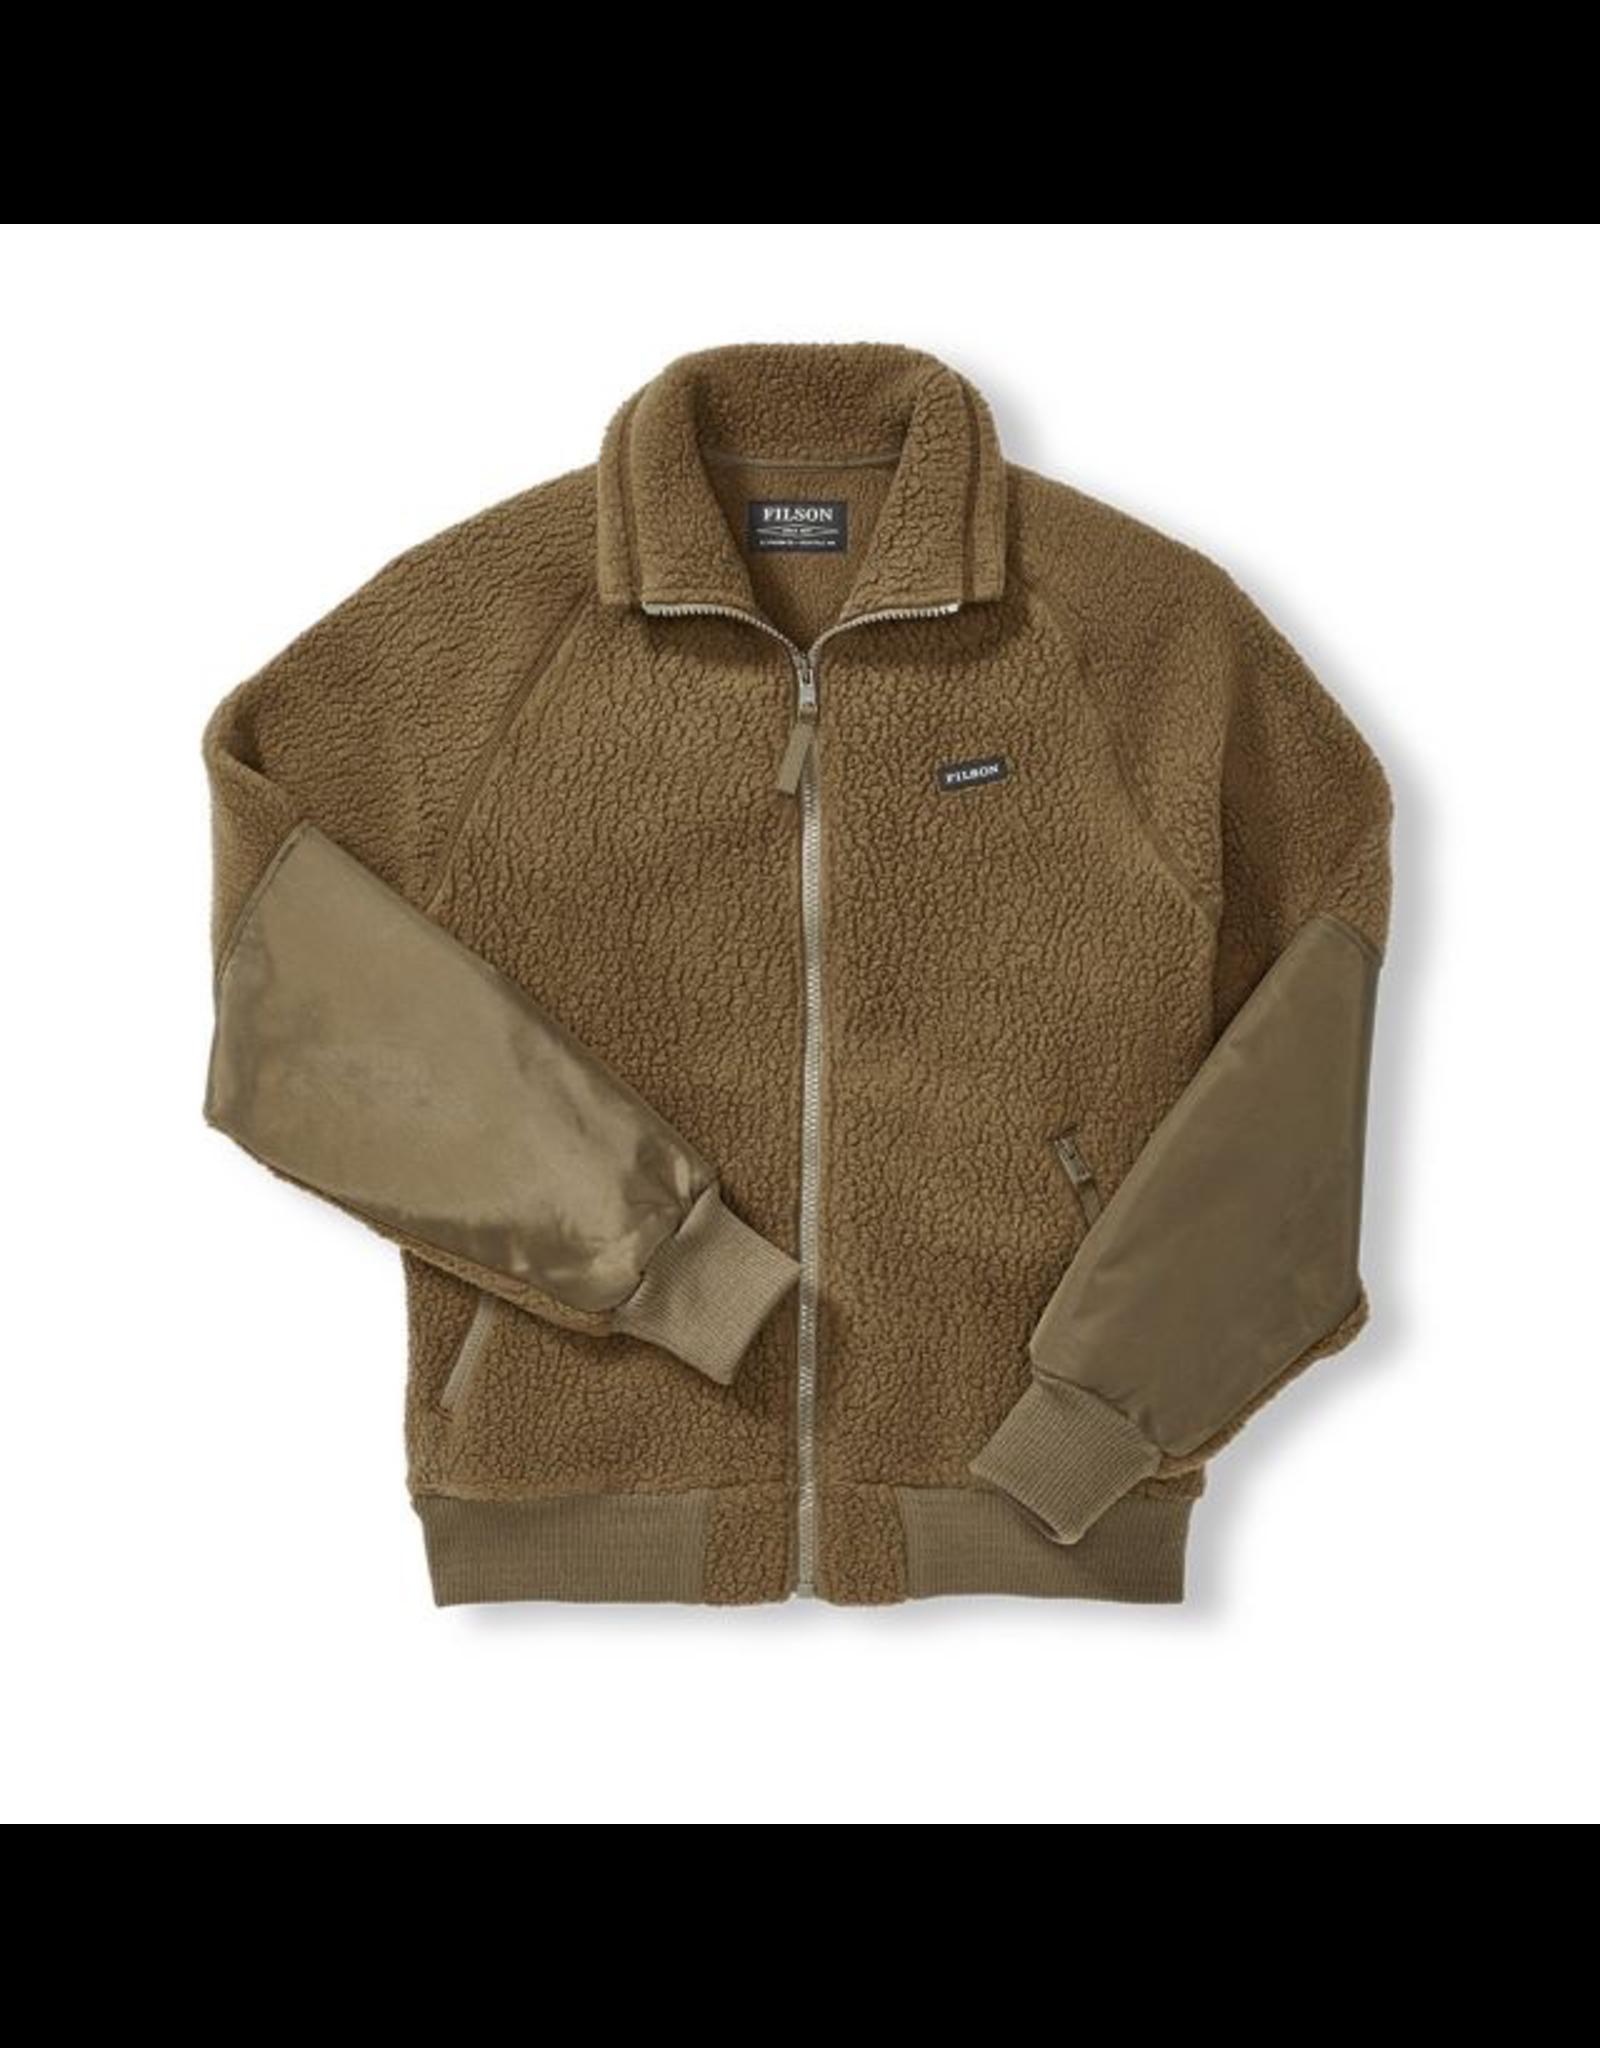 Outerwear FILSON Sherpa Fleece Jacket